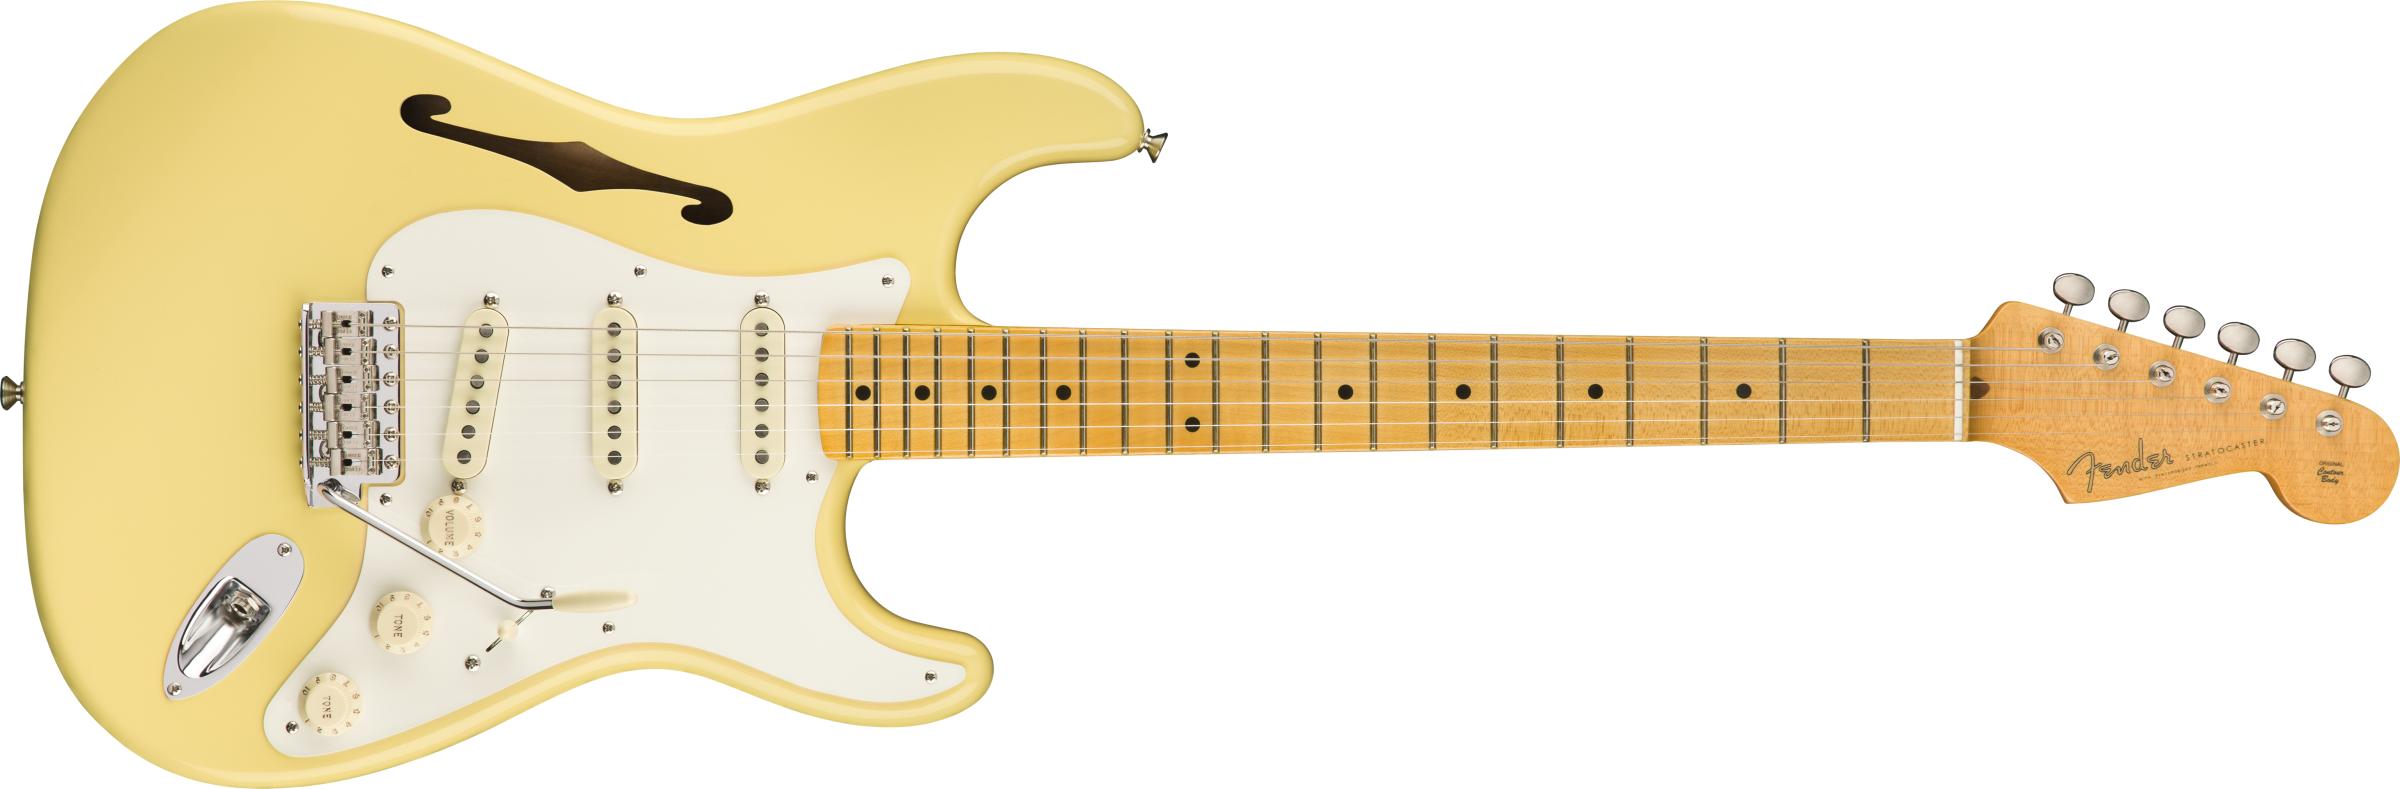 FENDER-Eric-Johnson-Thinline-Stratocaster-Maple-Fingerboard-Vintage-White-sku-571001019